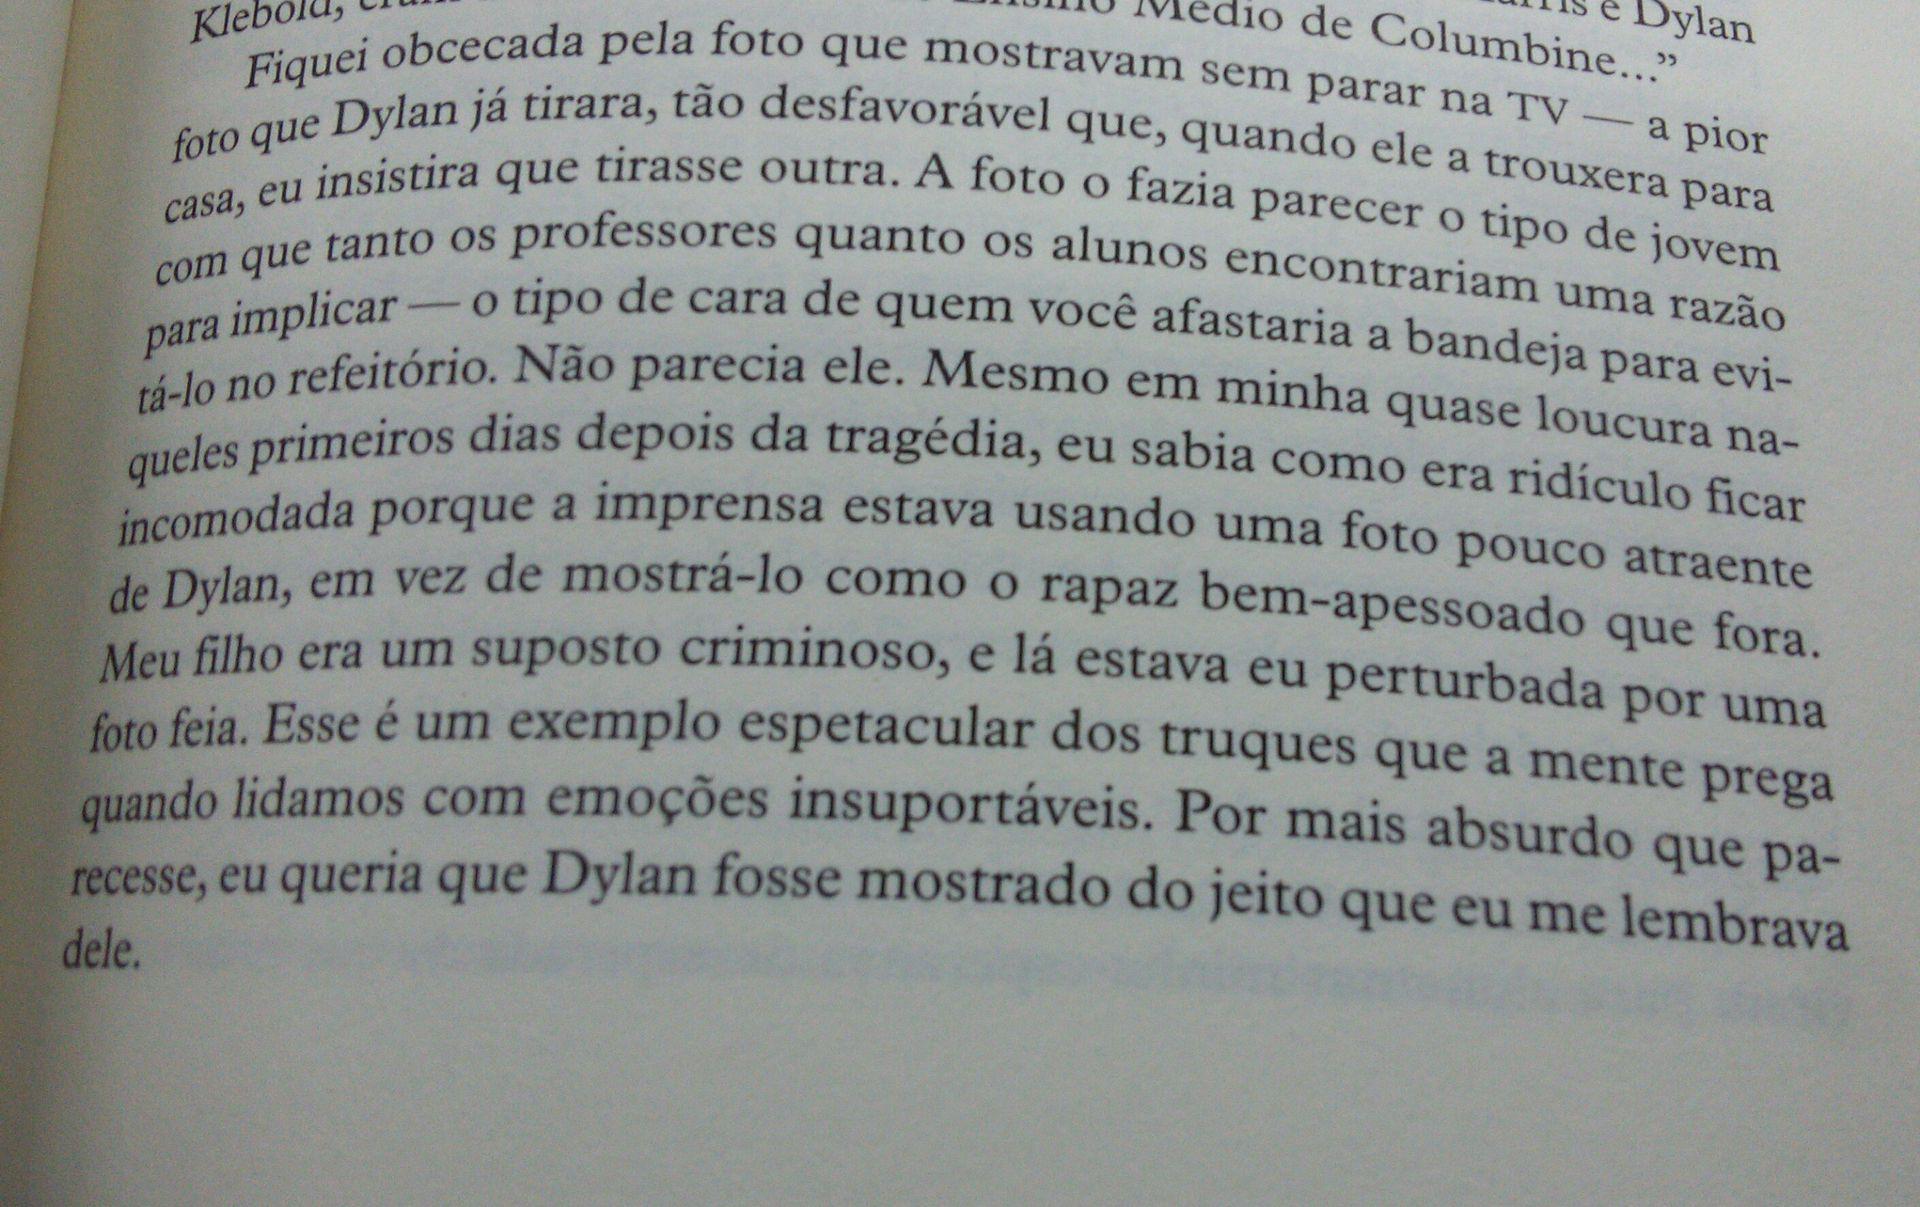 Algumas partes do livro da Sue Klebold que eu literalmente chorei